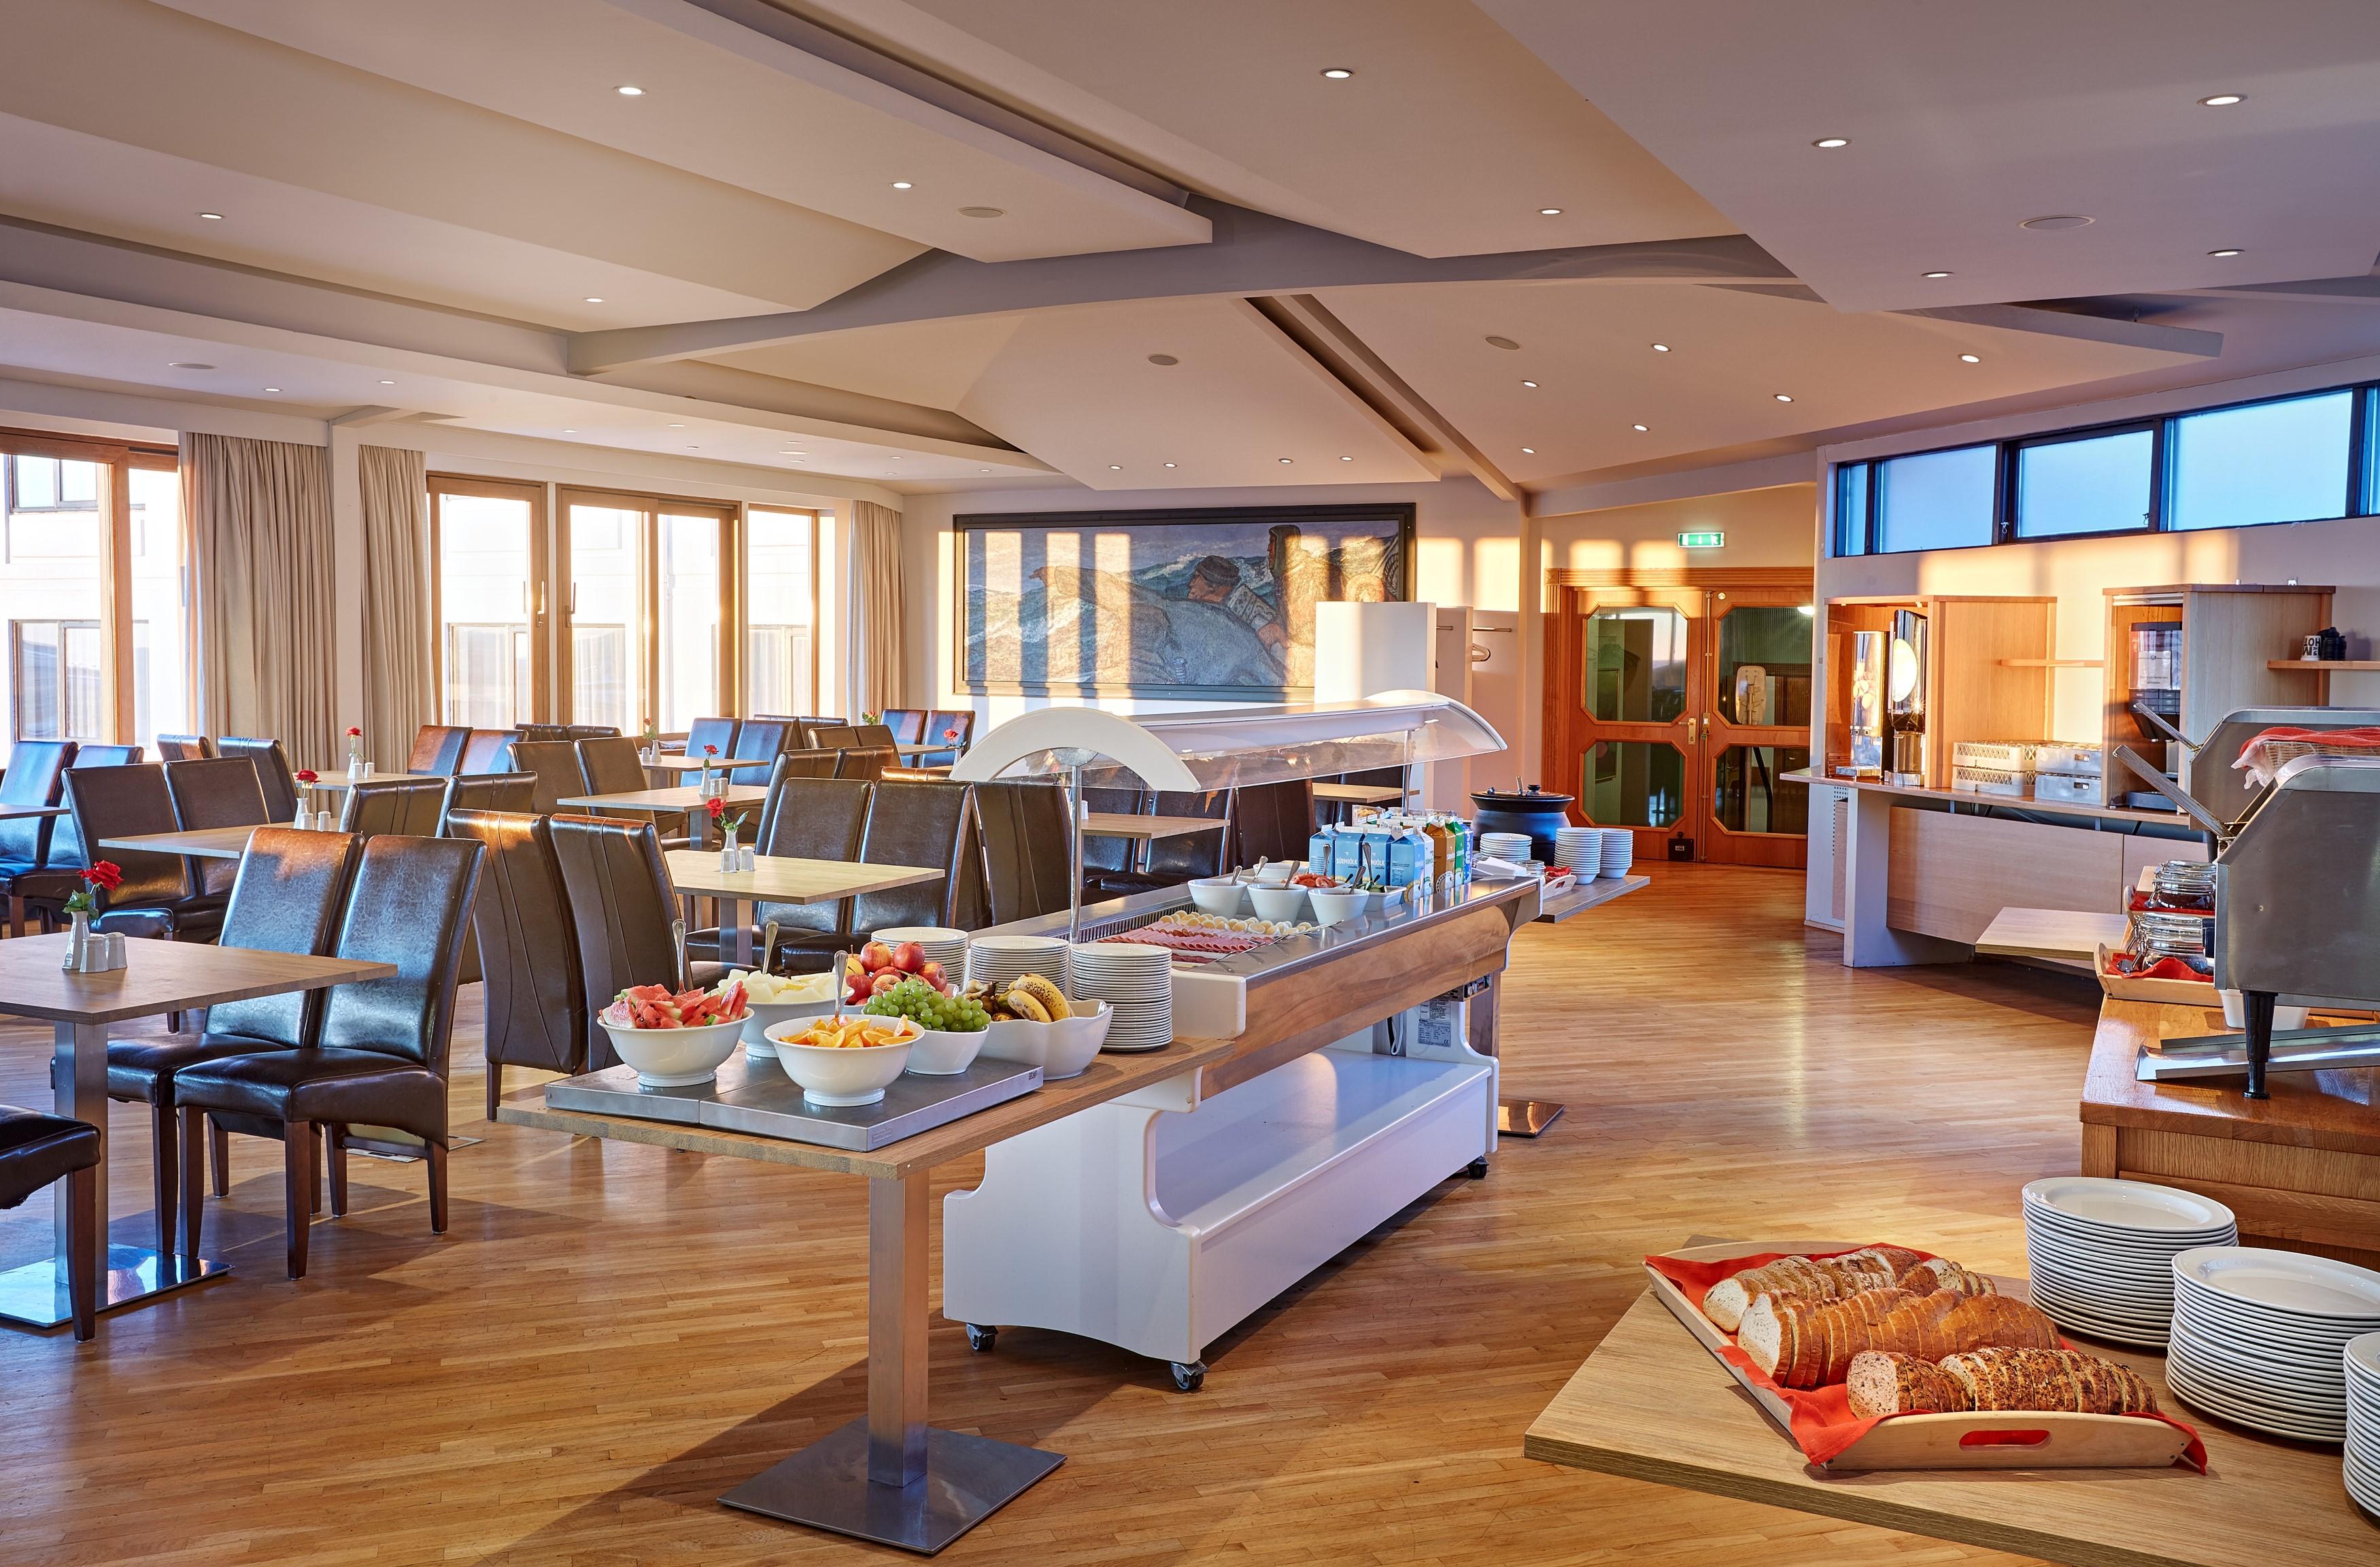 Frühstücksraum mit Buffet im Hotel Örk in Südisland